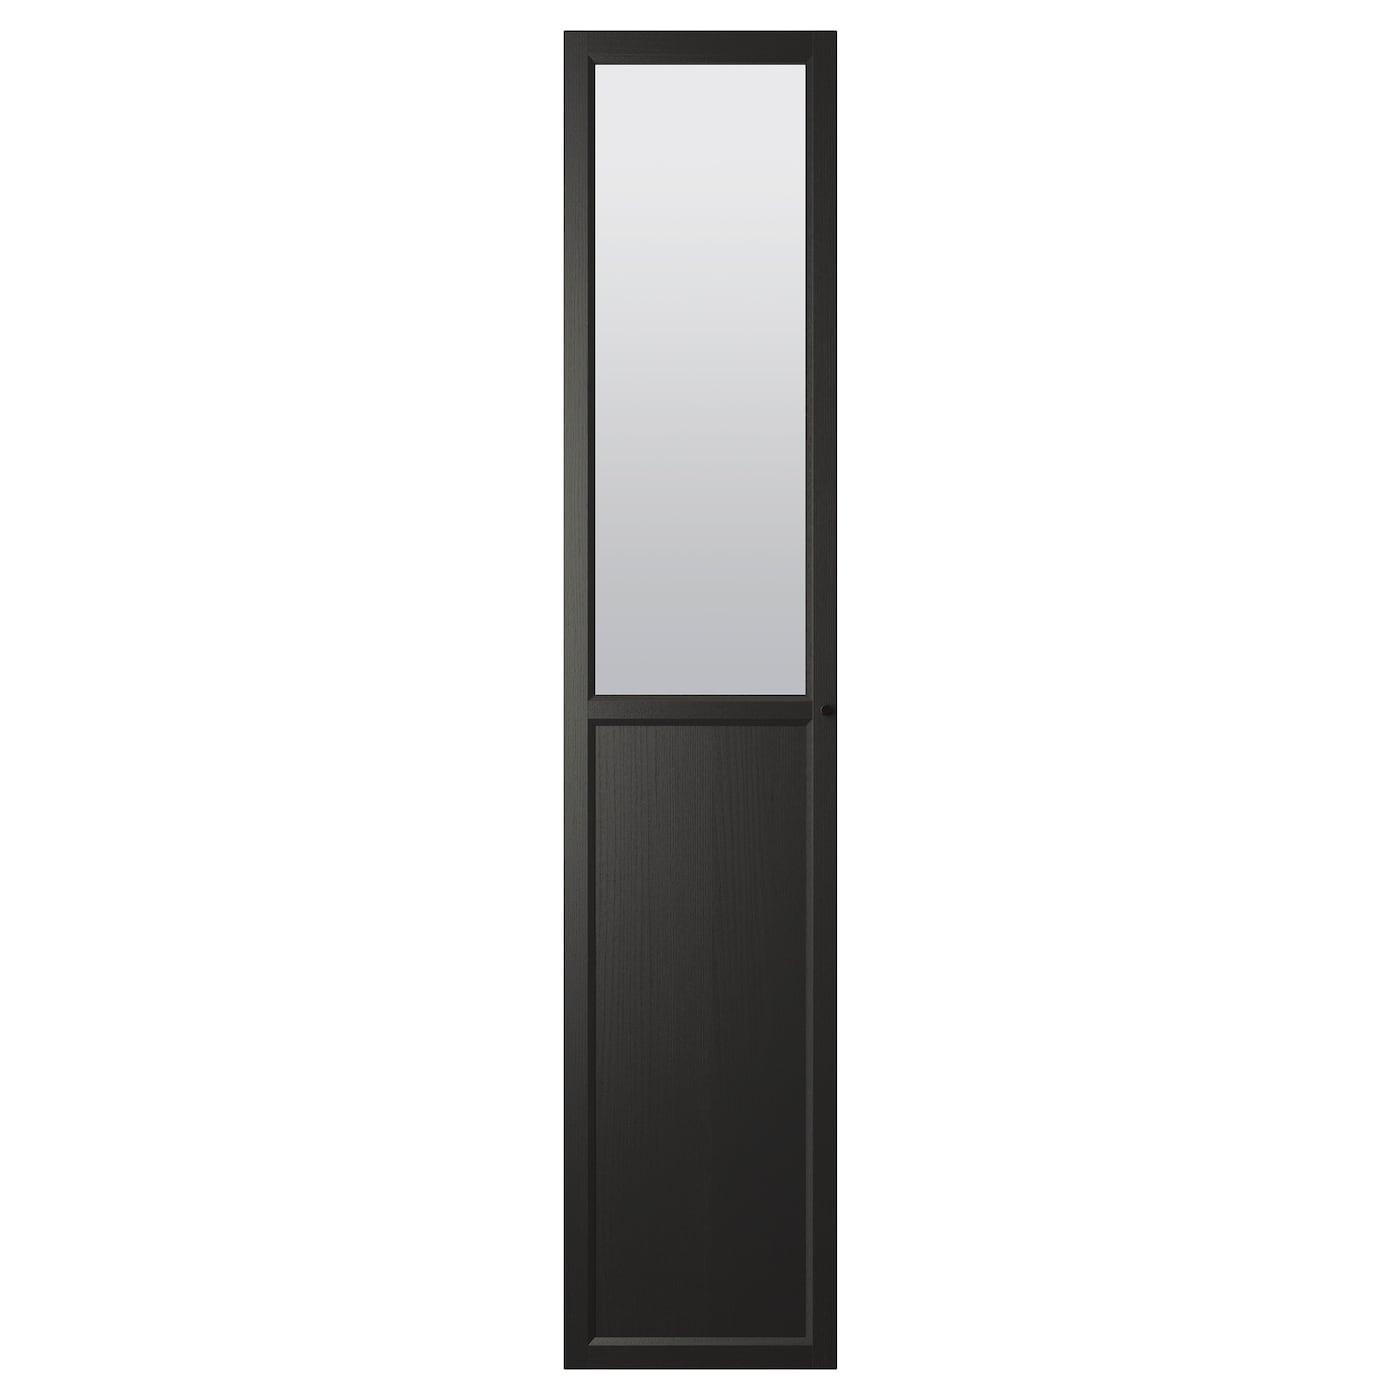 OXBERG, Paneel-/Vitrinentür, schwarzbraun, 002.756.74